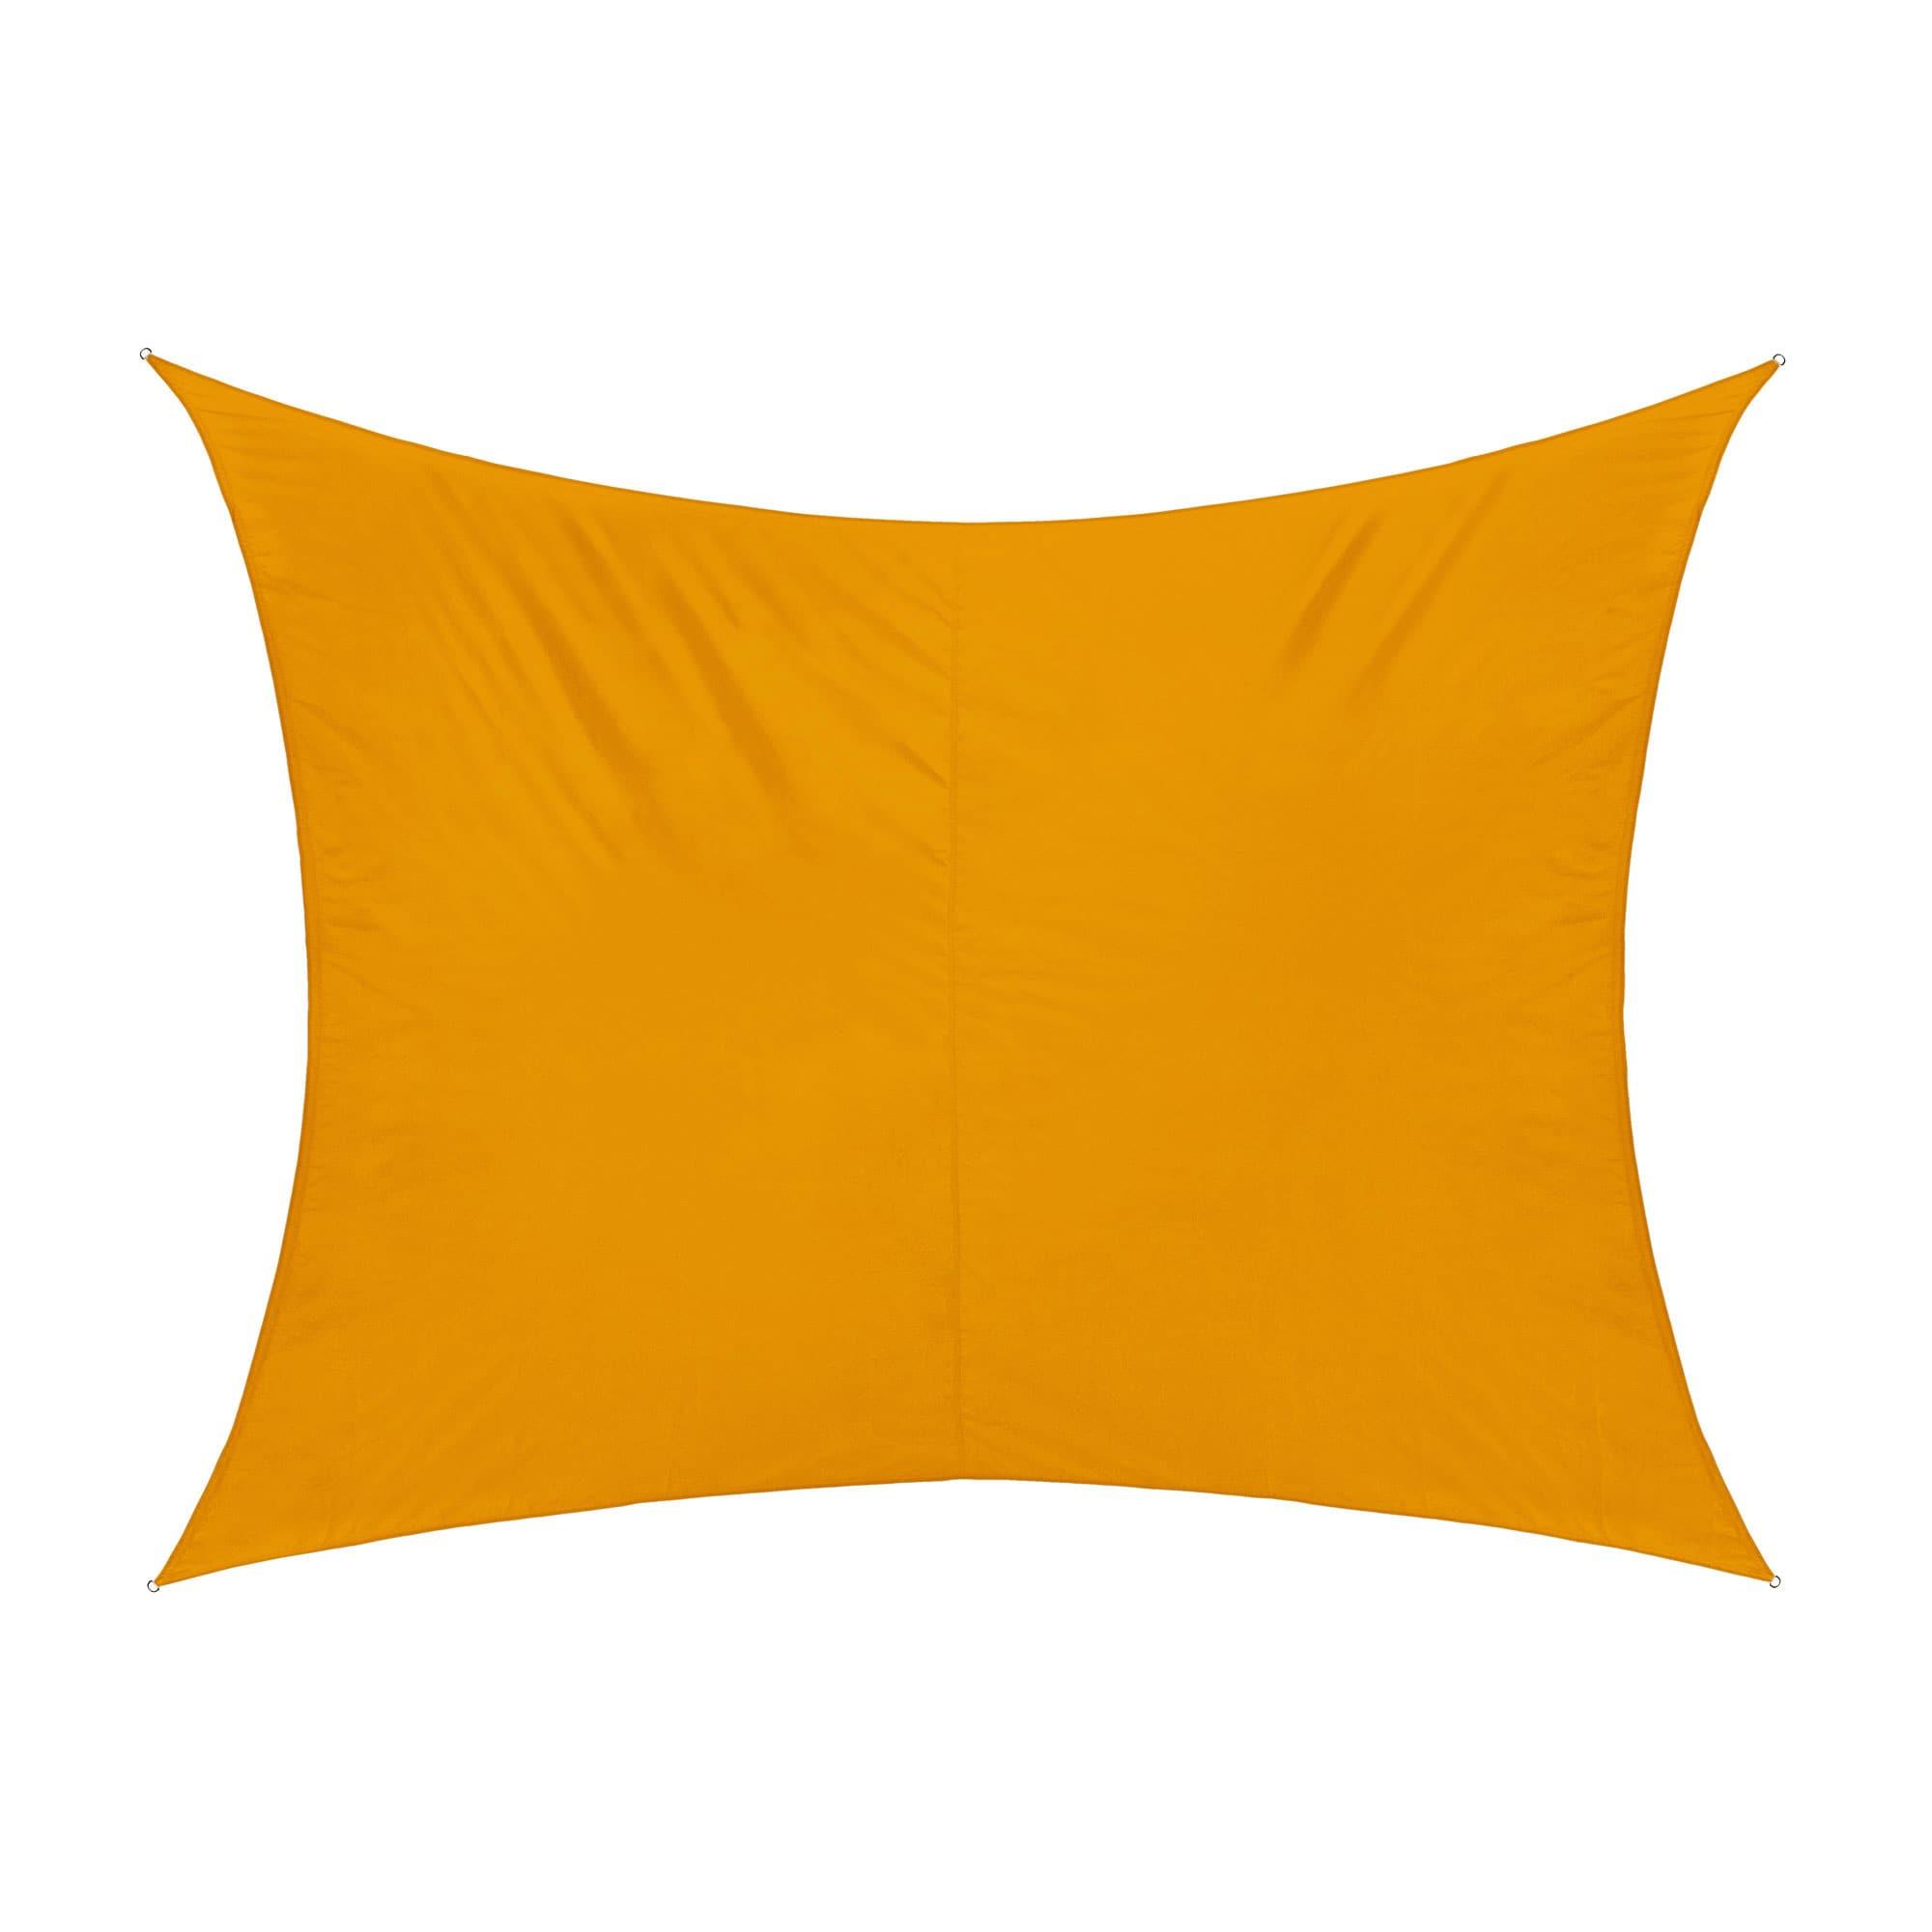 sonnensegel sonnenschutz uv schutz sonnenschutzsegel jarolift wasserabweisend ebay. Black Bedroom Furniture Sets. Home Design Ideas